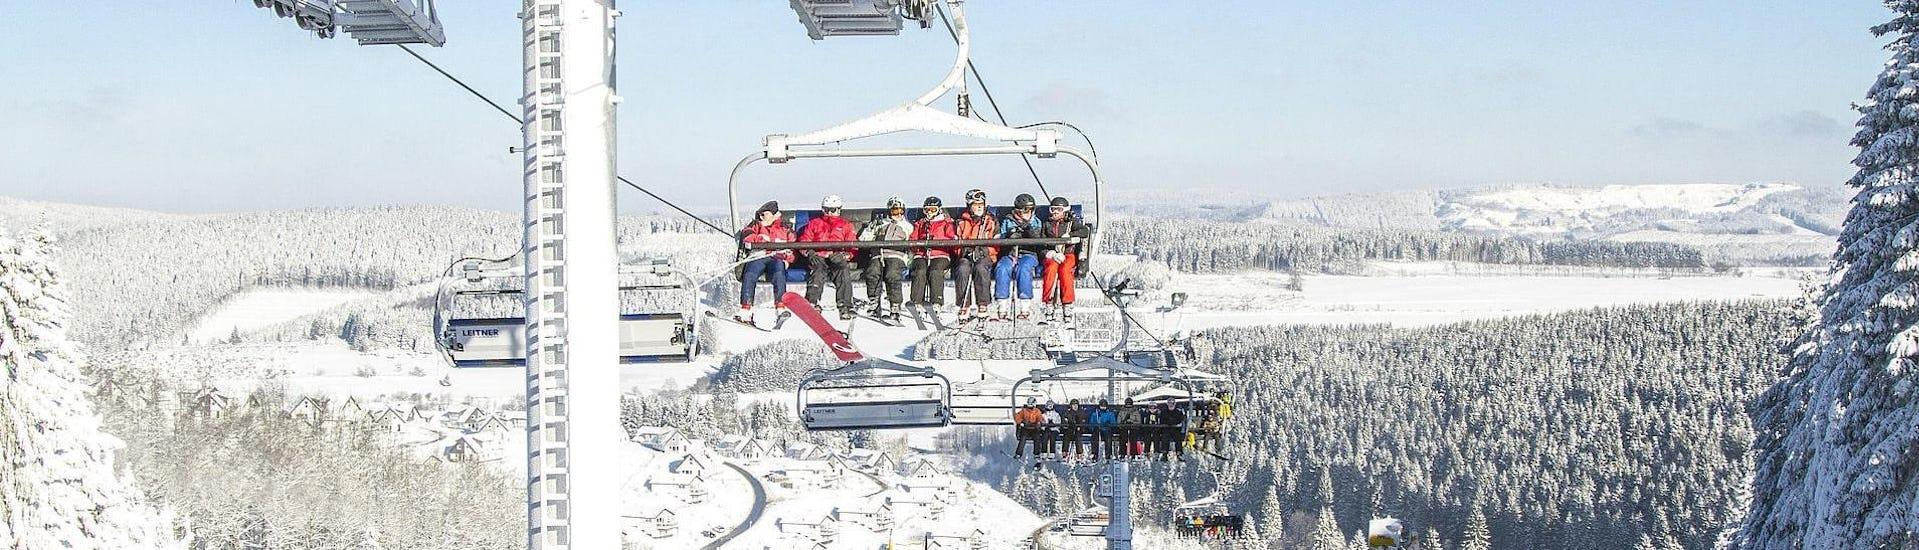 Een groep skiërs neemt een stoeltjeslift naar de top van een berg om deel te nemen aan skiles van Skischule Kahler Asten in het skigebied van Winterberg.